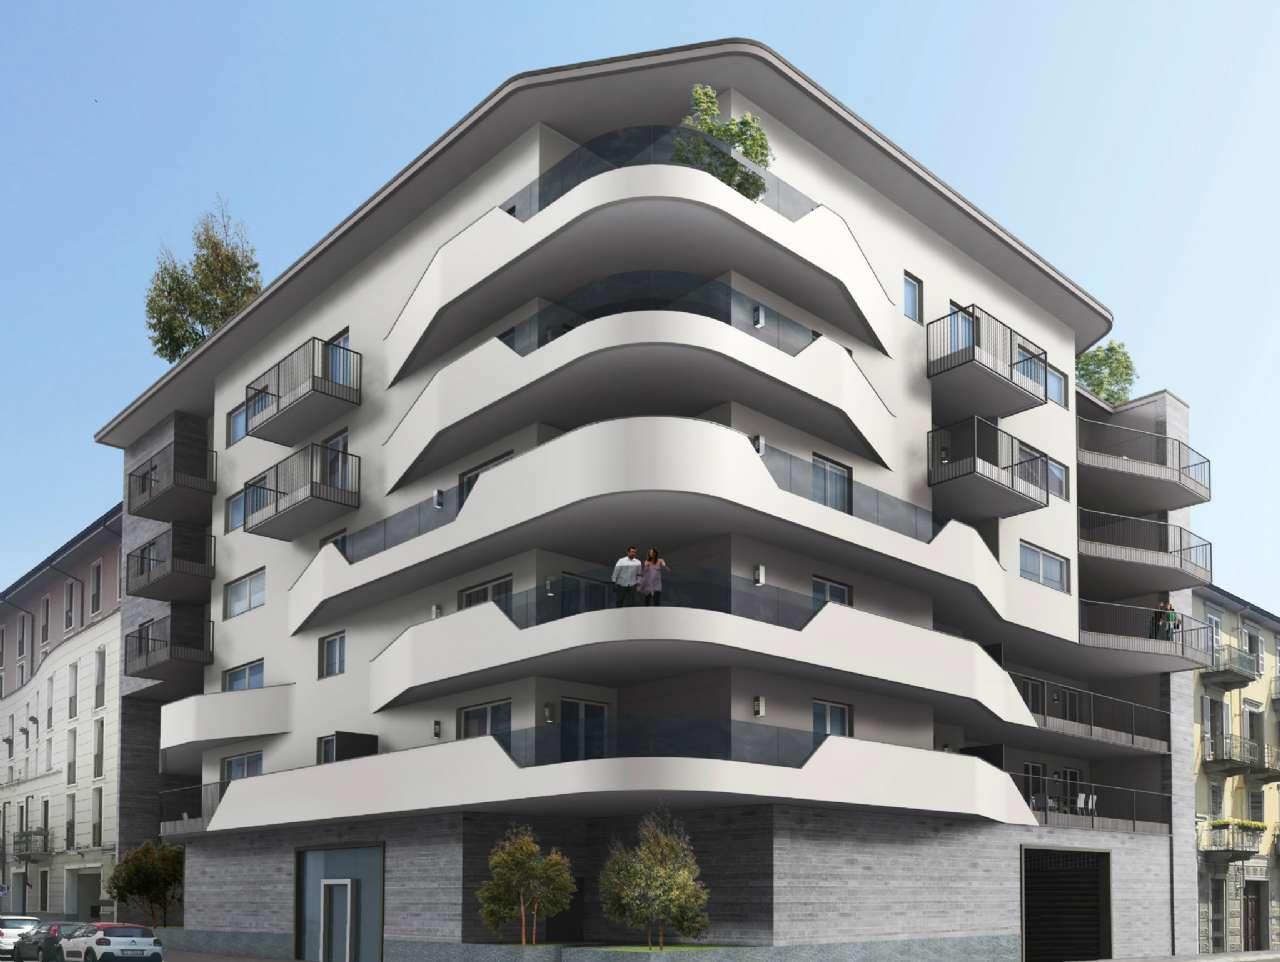 Attico / Mansarda in vendita a Torino, 6 locali, zona Regio Parco, Vanchiglia, Lungo Po, Vanchiglietta, prezzo € 652.000   PortaleAgenzieImmobiliari.it